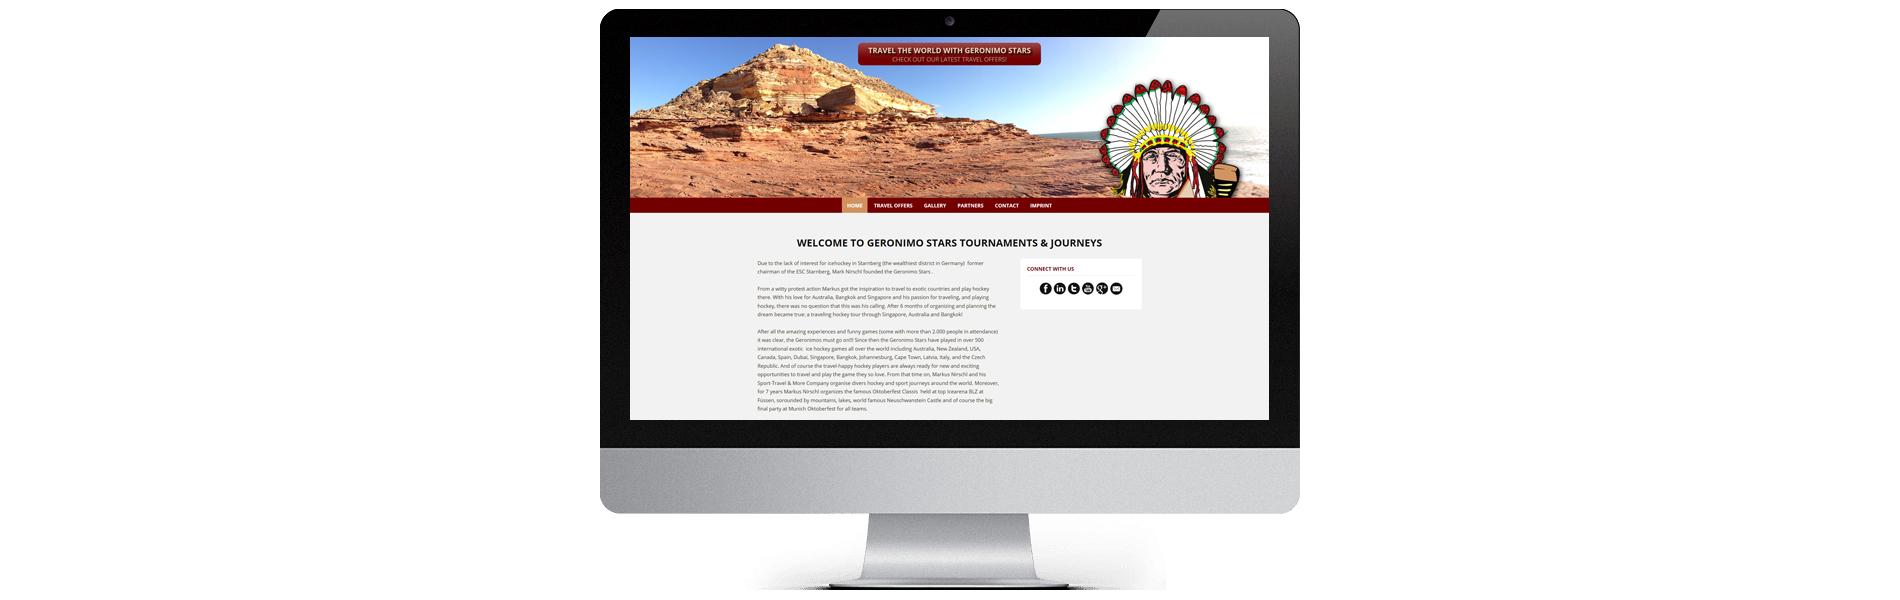 Projekt: Englischsprachige, responsive Website für Geronimo Stars